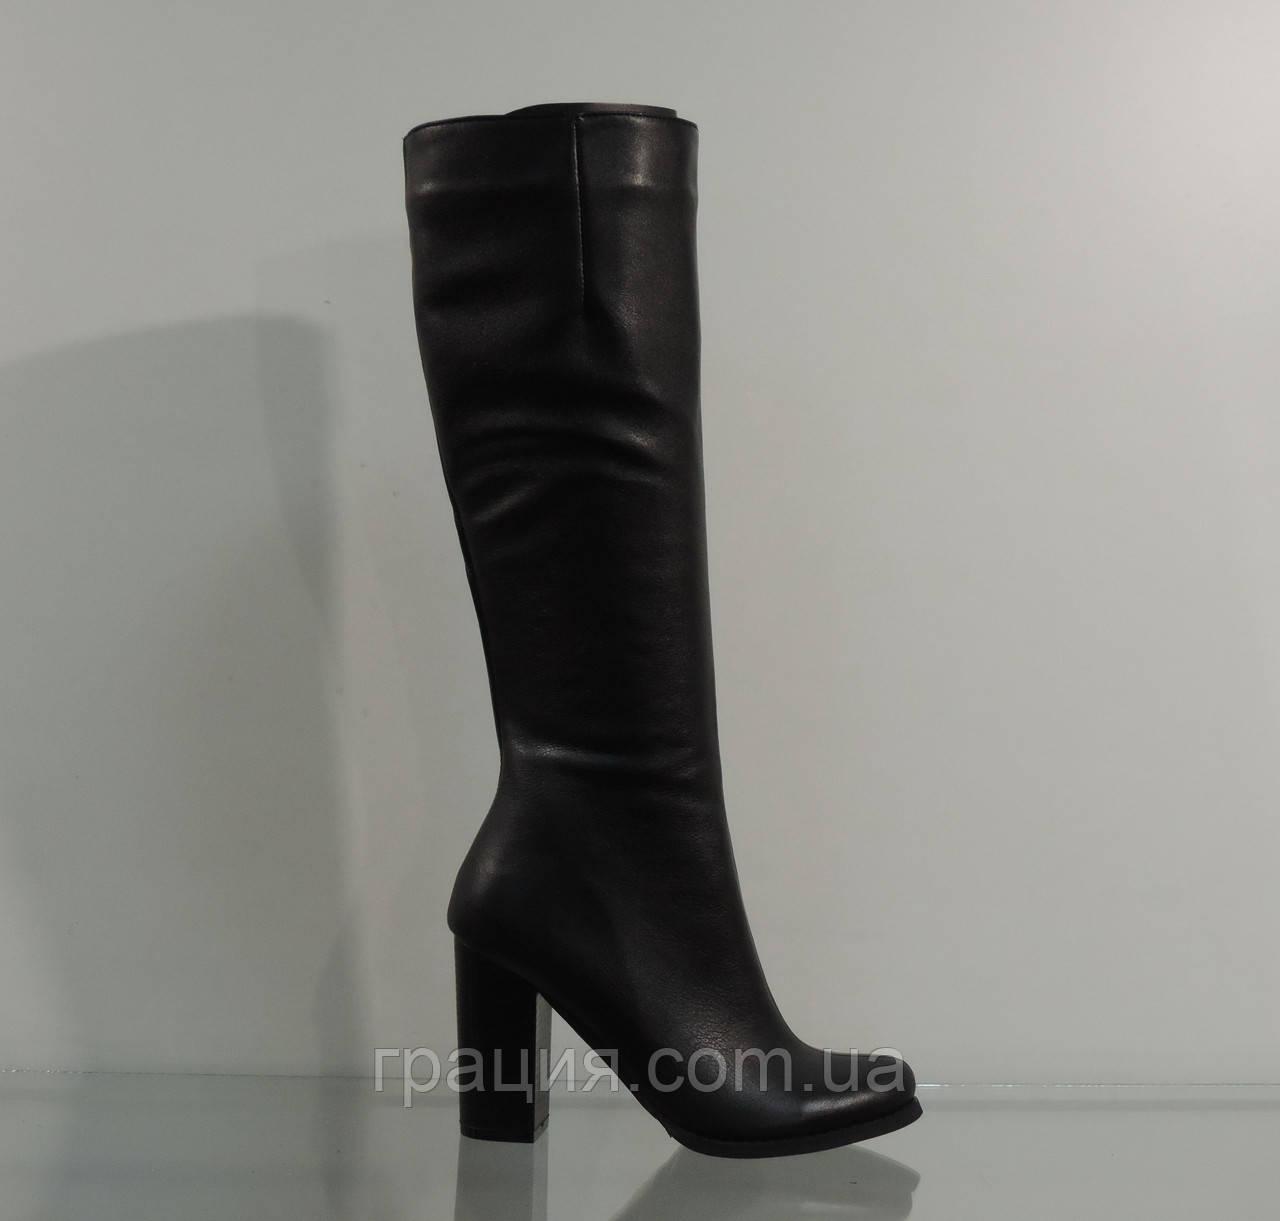 Сапожки женские кожаные демисезонные на каблуке